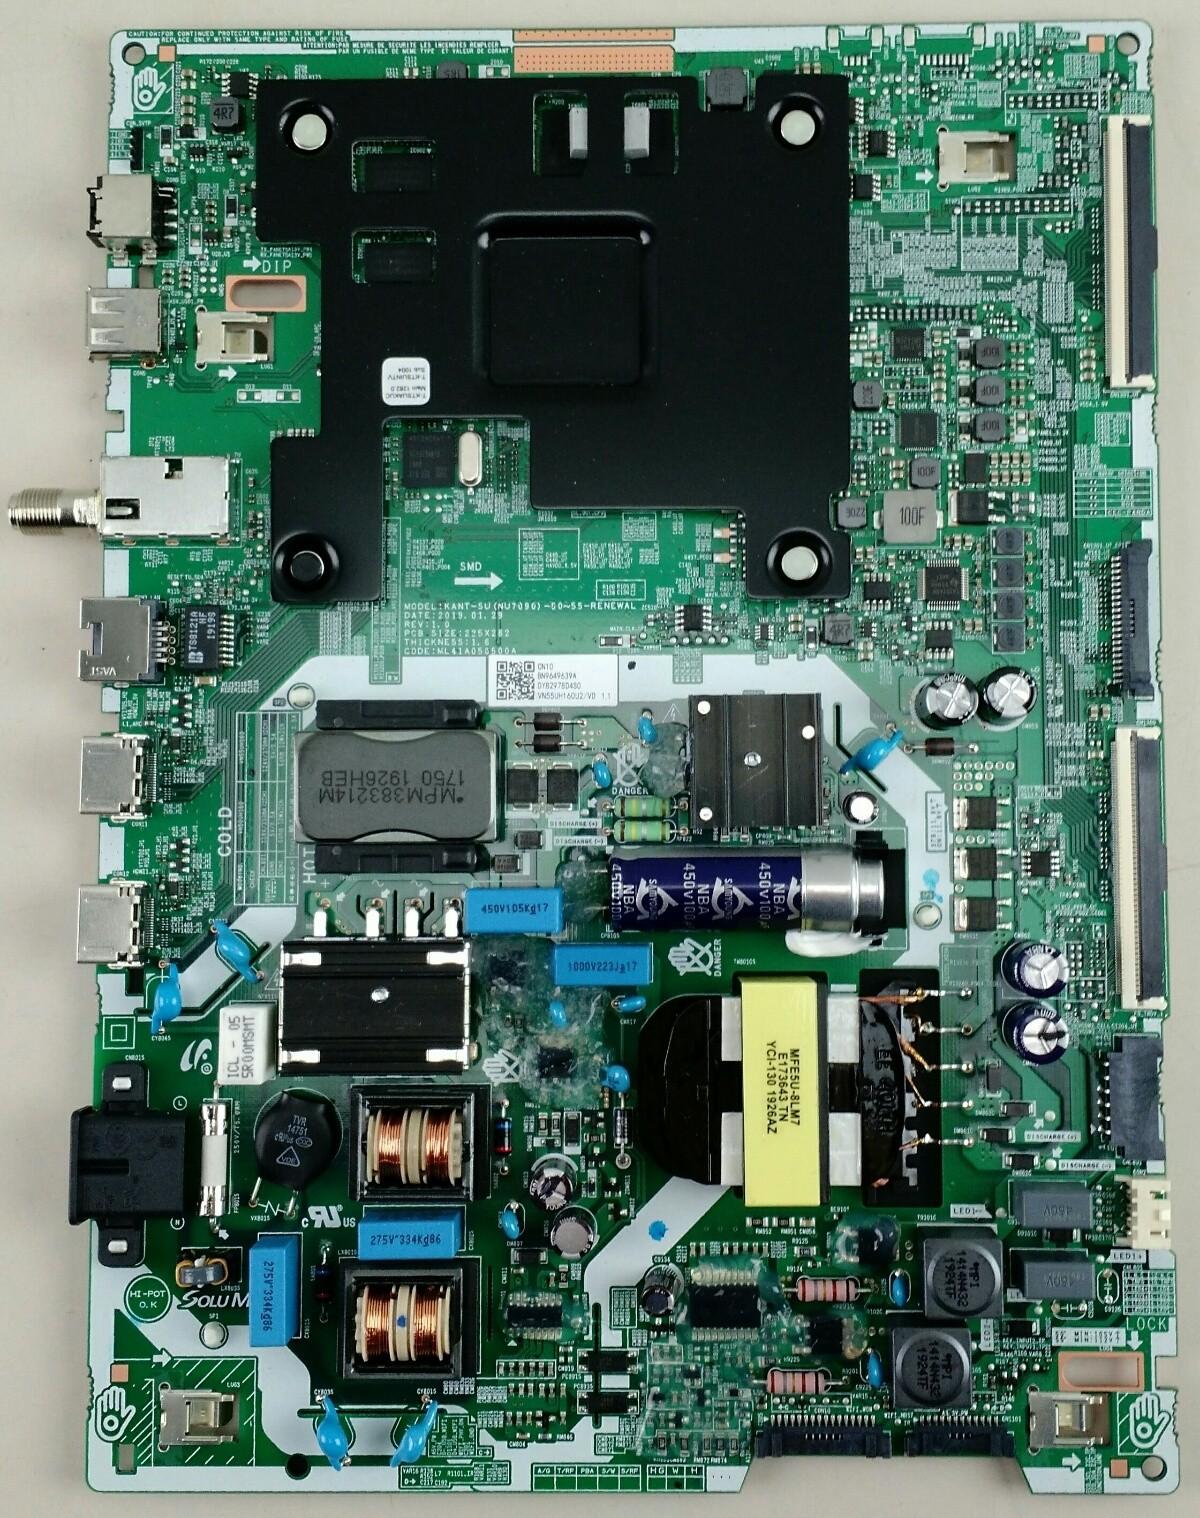 Samsung BN9649639A Main Board for UN55RU7200FXZA (CA02/UNU7100) TV